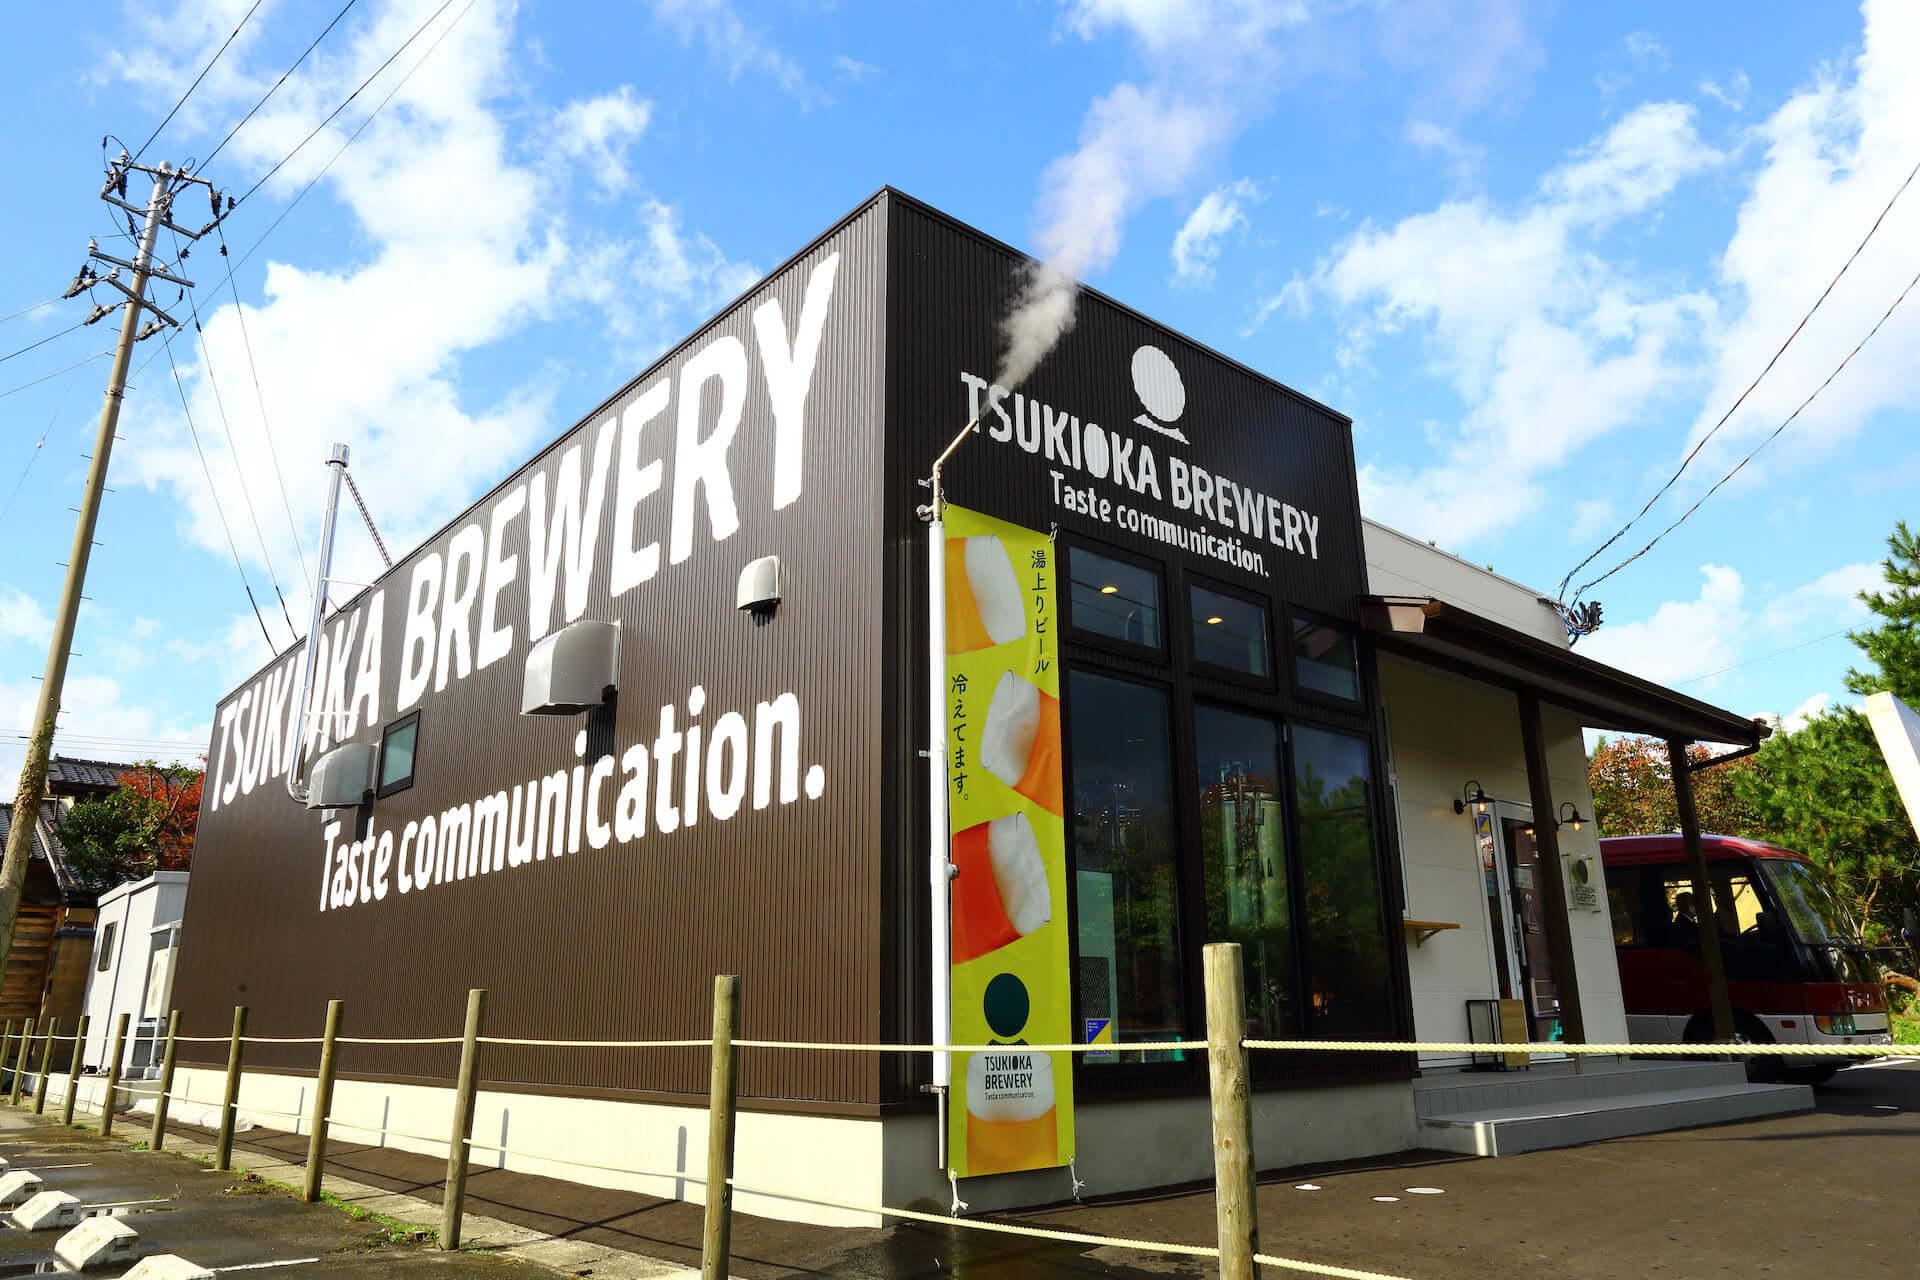 """第4のチョコレート""""ルビーチョコレート""""×クラフトビール!「TSUKIOKA BREWERY」から500本限定のビール2種が新発売 gourmet210119_tsukioka-brewery_1-1920x1280"""